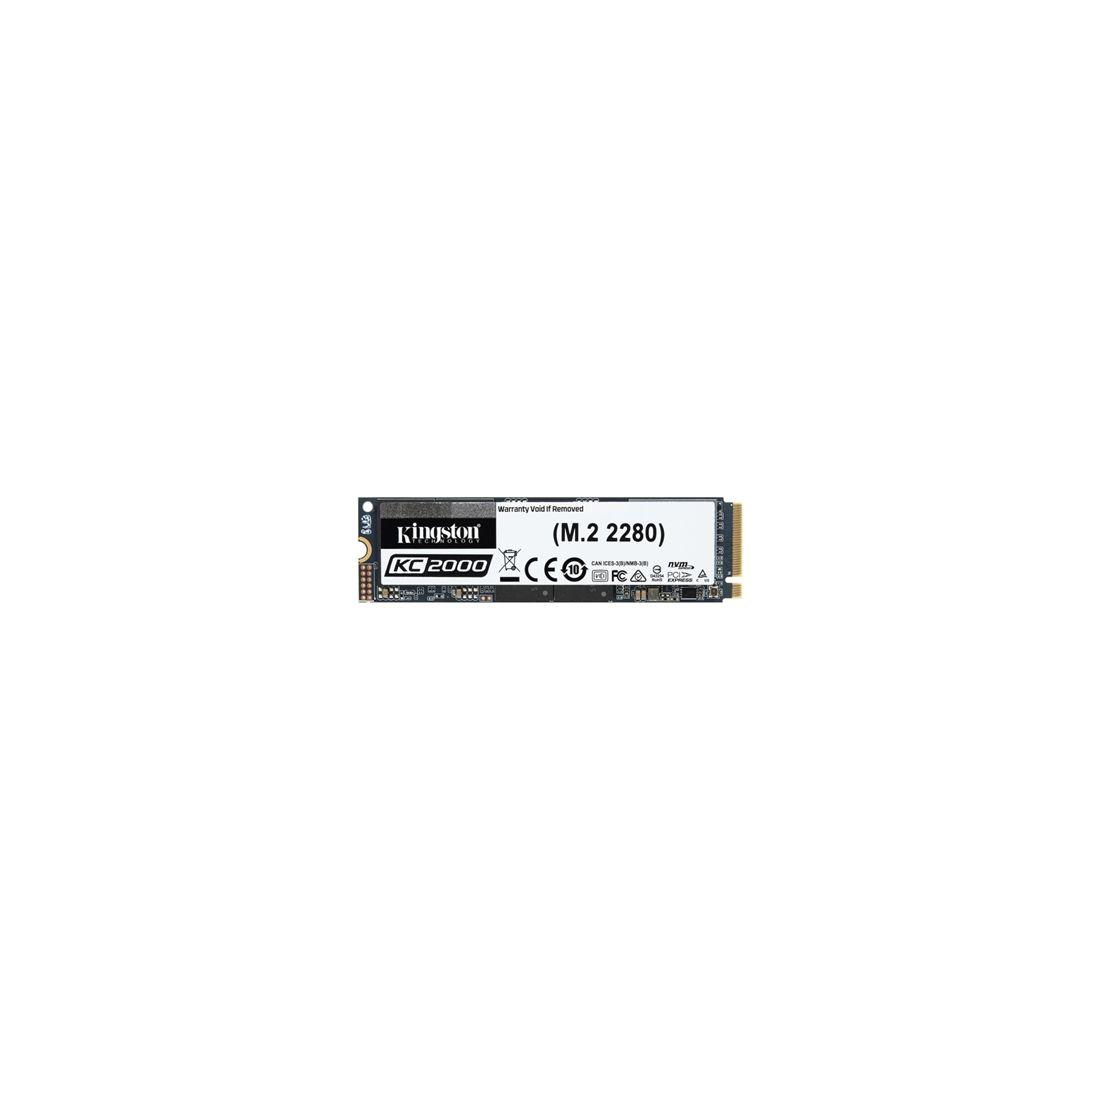 Kingston SKC2000M8 250G SSD NVMe PCIe 250GB